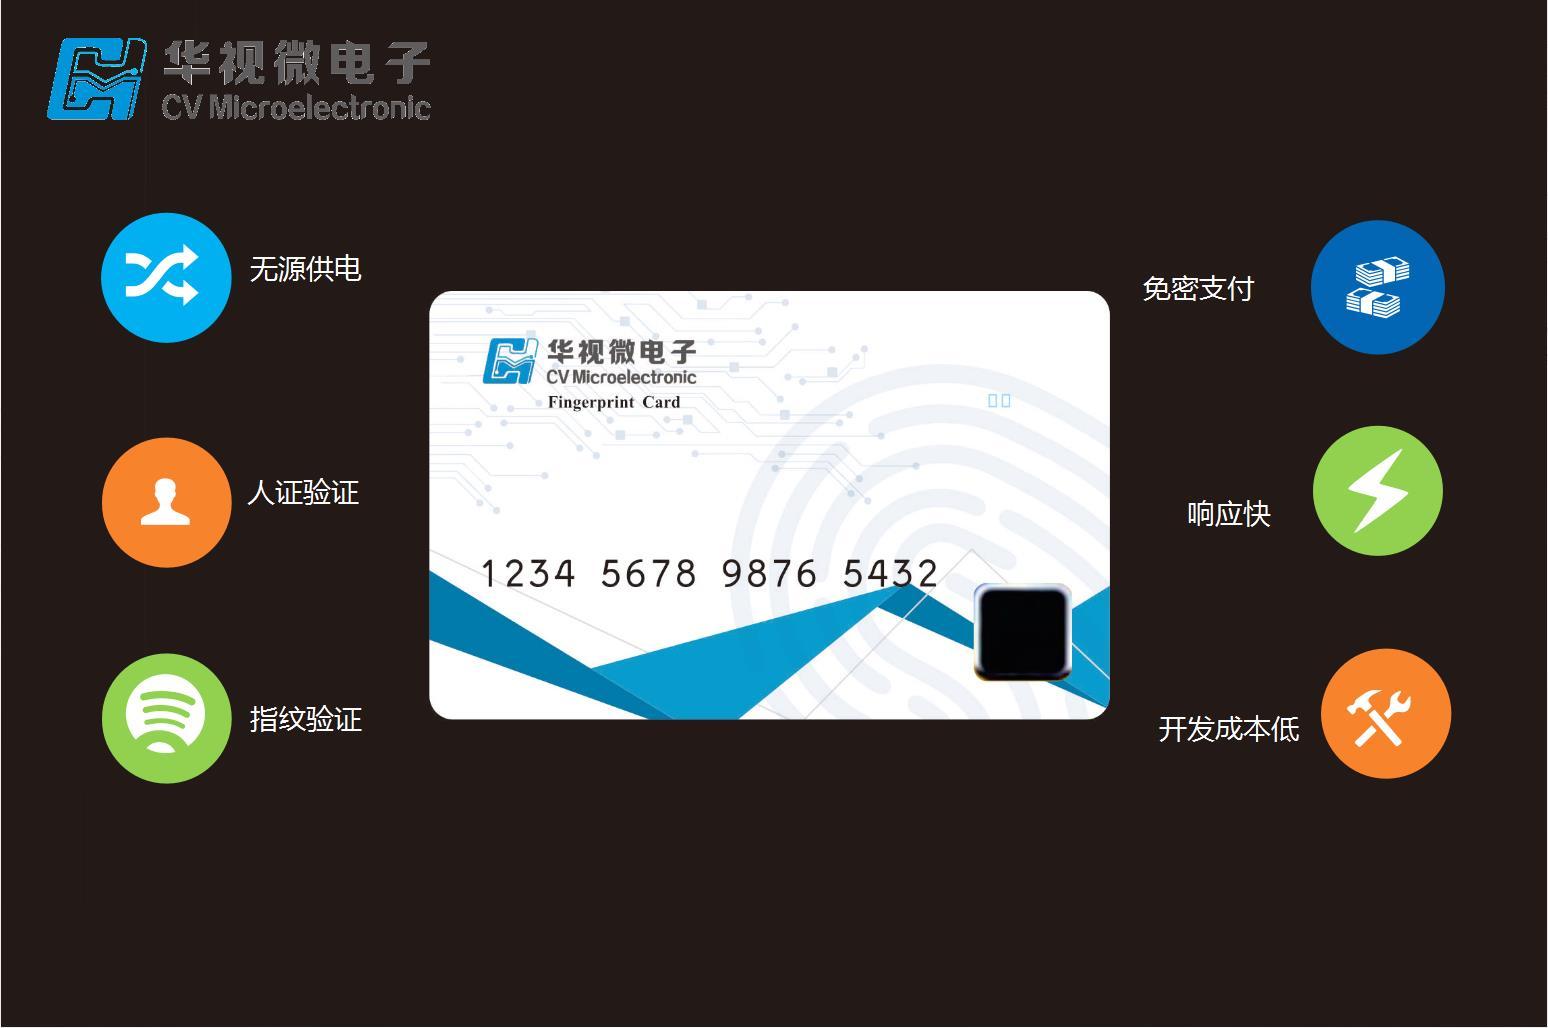 华视微国内首创:指纹识别+无源智能卡,更安全便捷